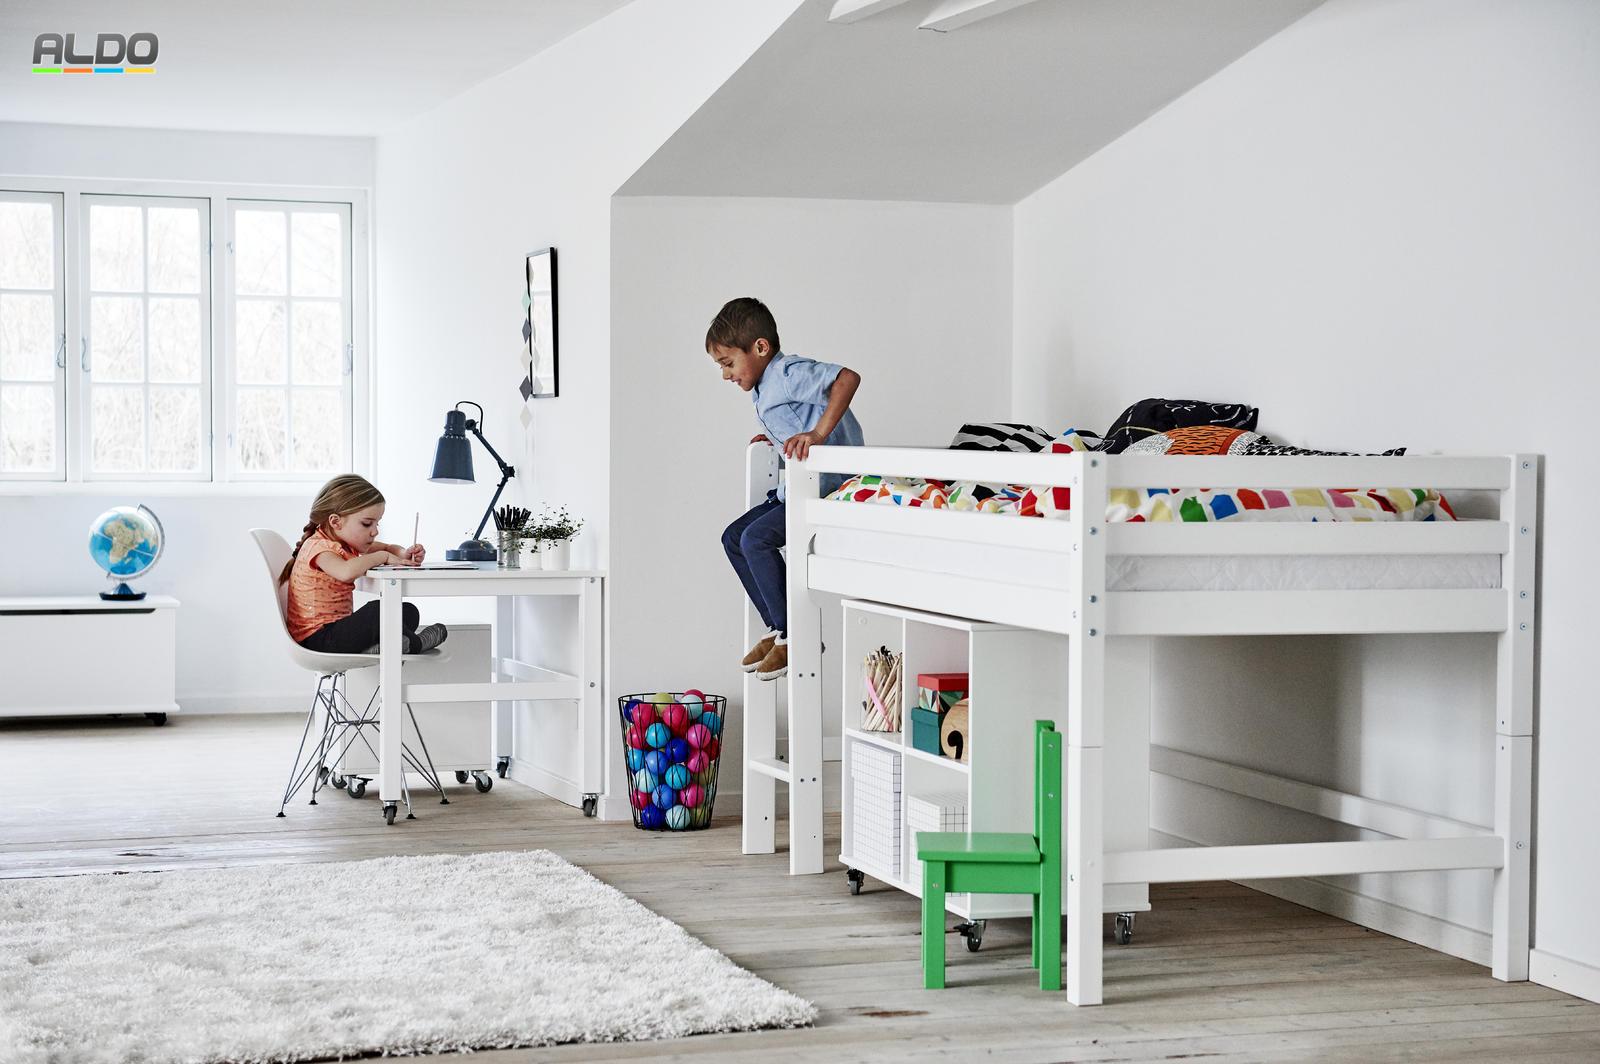 Keď detská izba, tak niečo takéto! - Obrázok č. 1